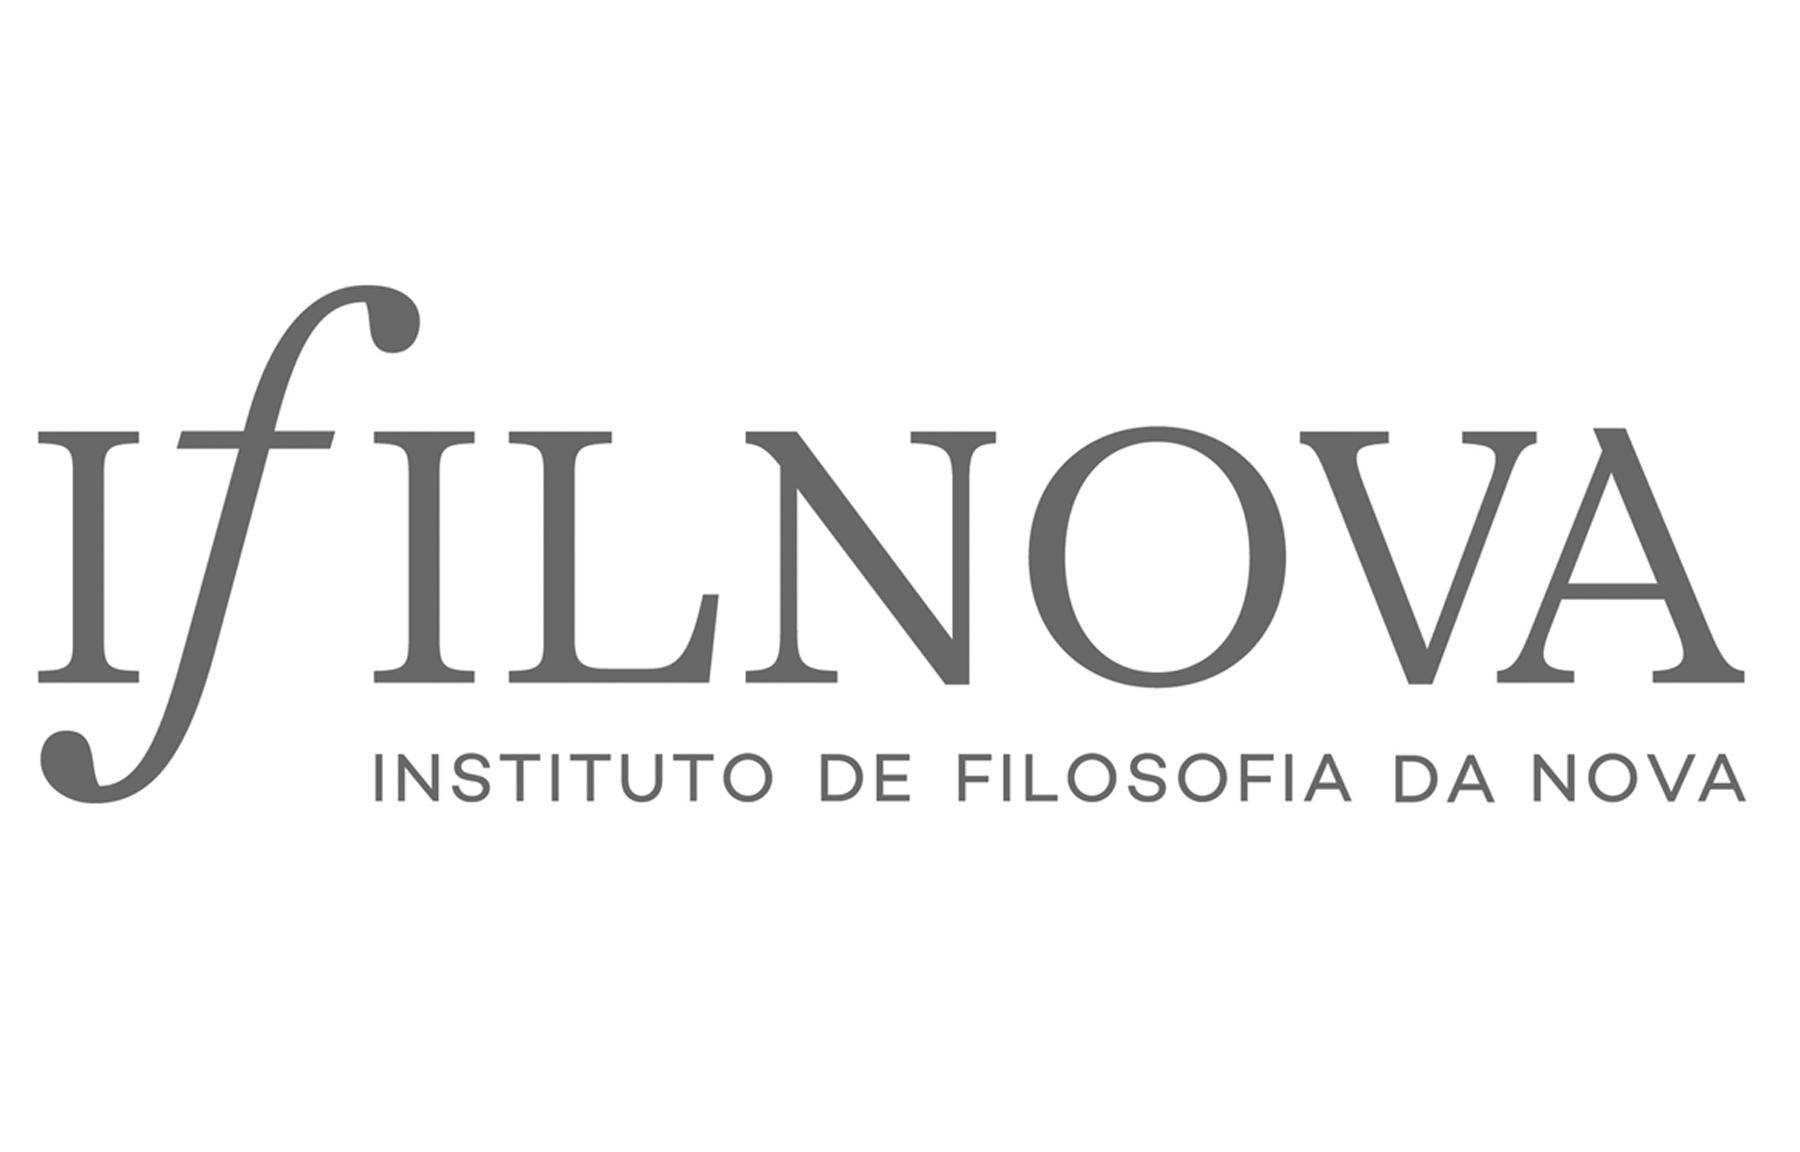 Instituto de Filosofia da NOVA (IFILNOVA)